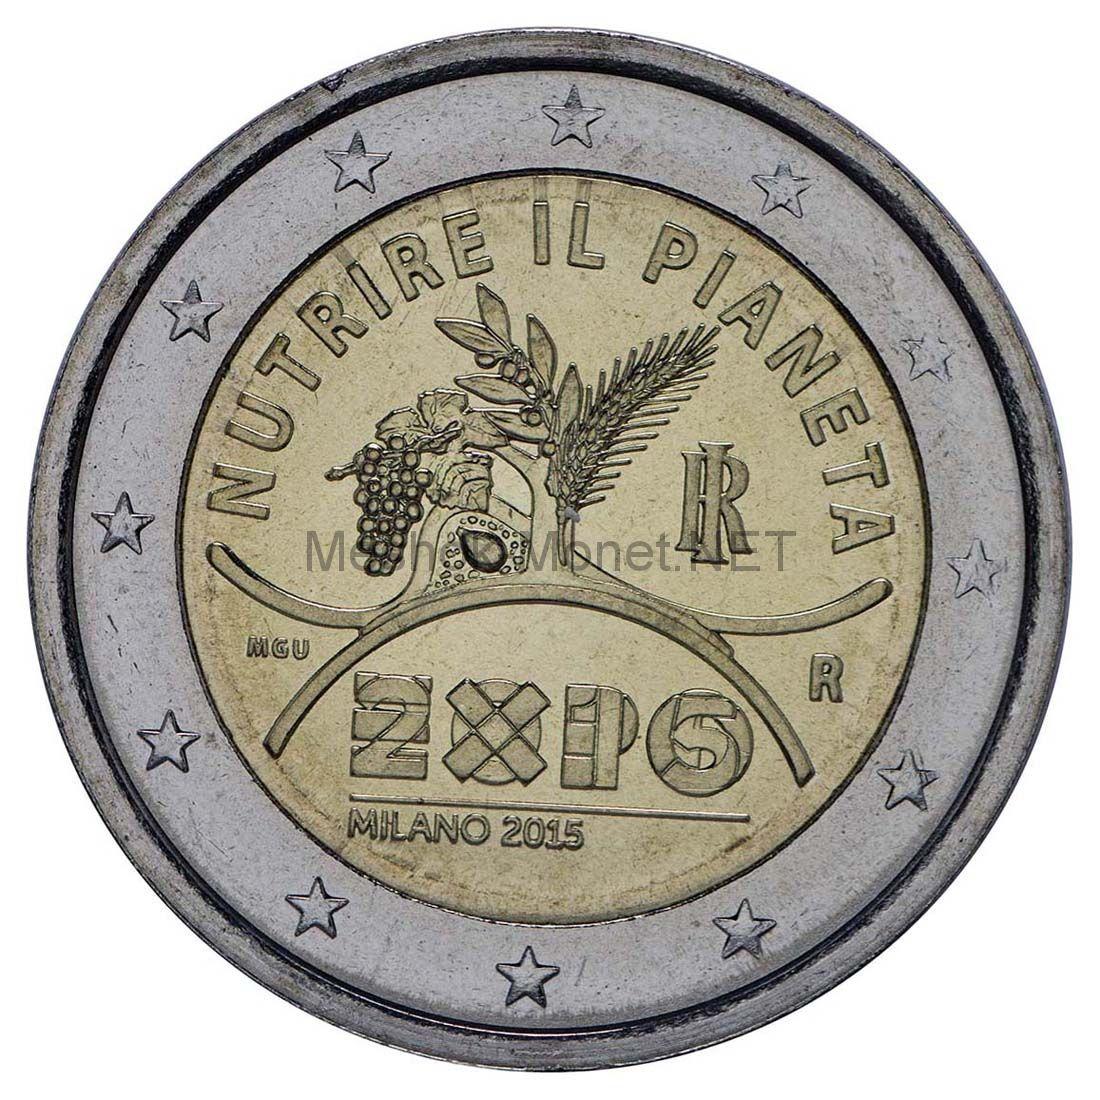 Италия 2 евро 2015, ЭКСПО-2015 в Милане